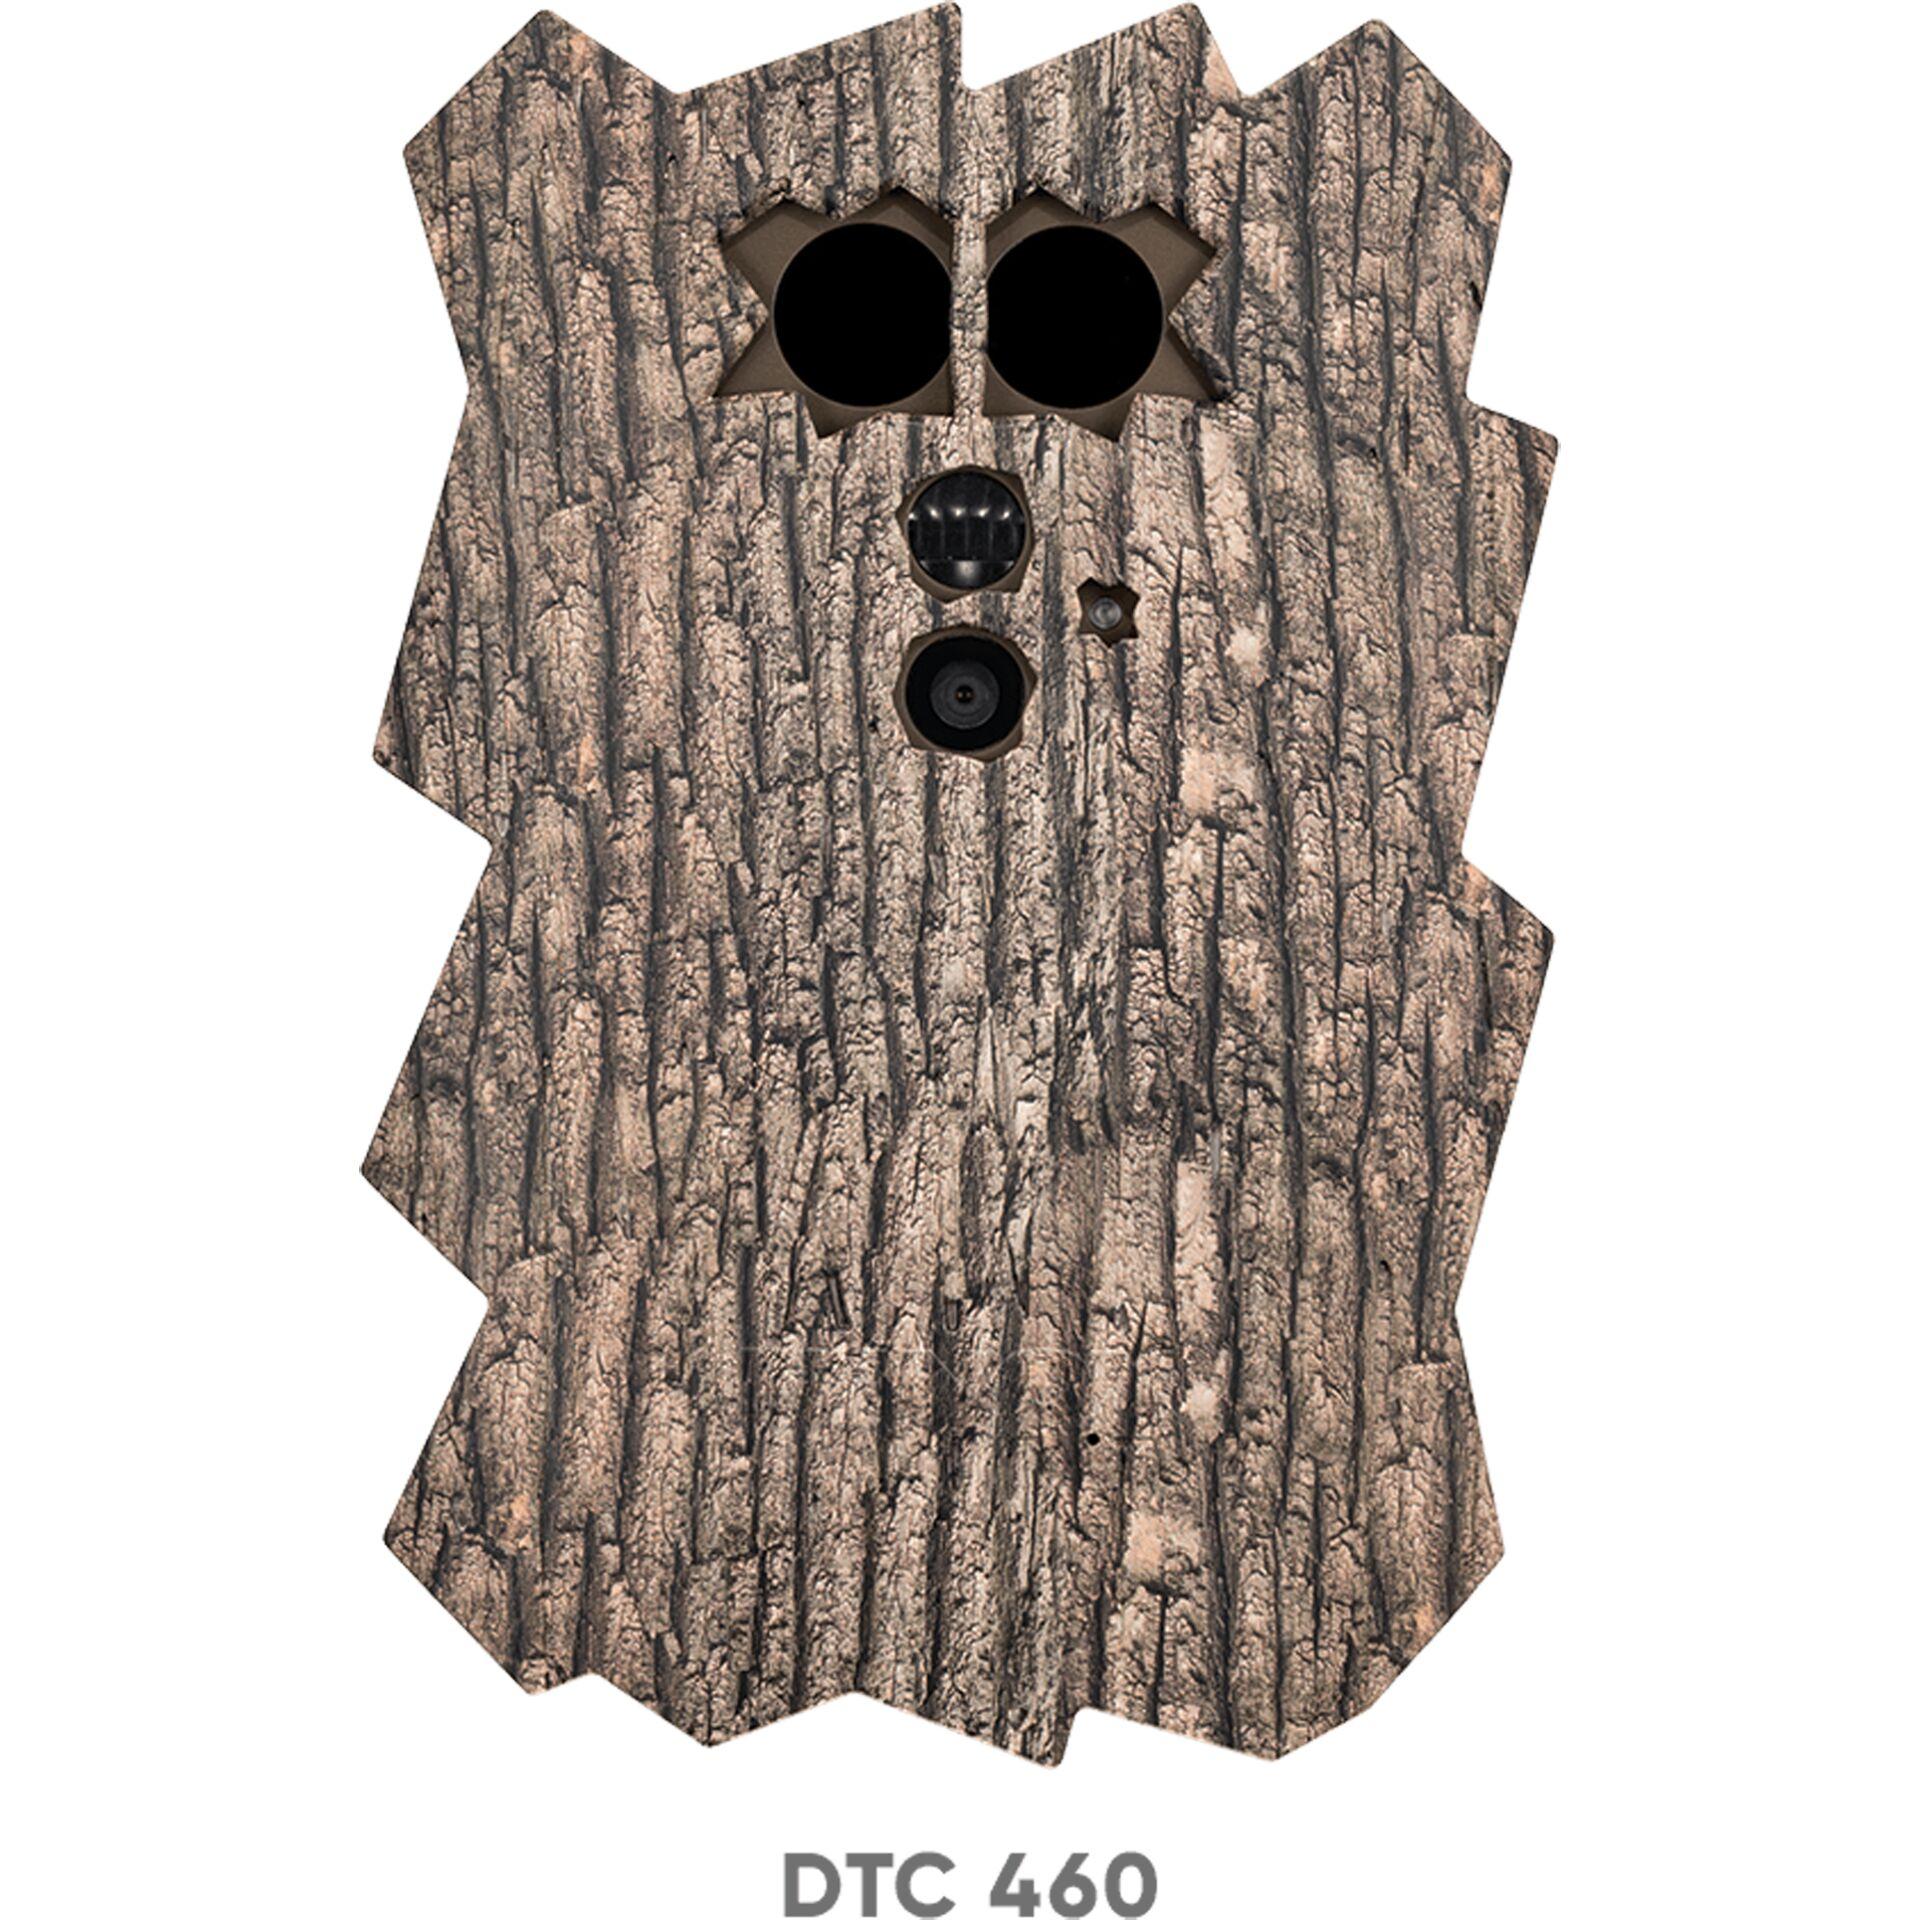 Minox DTC 460 Wildkamera